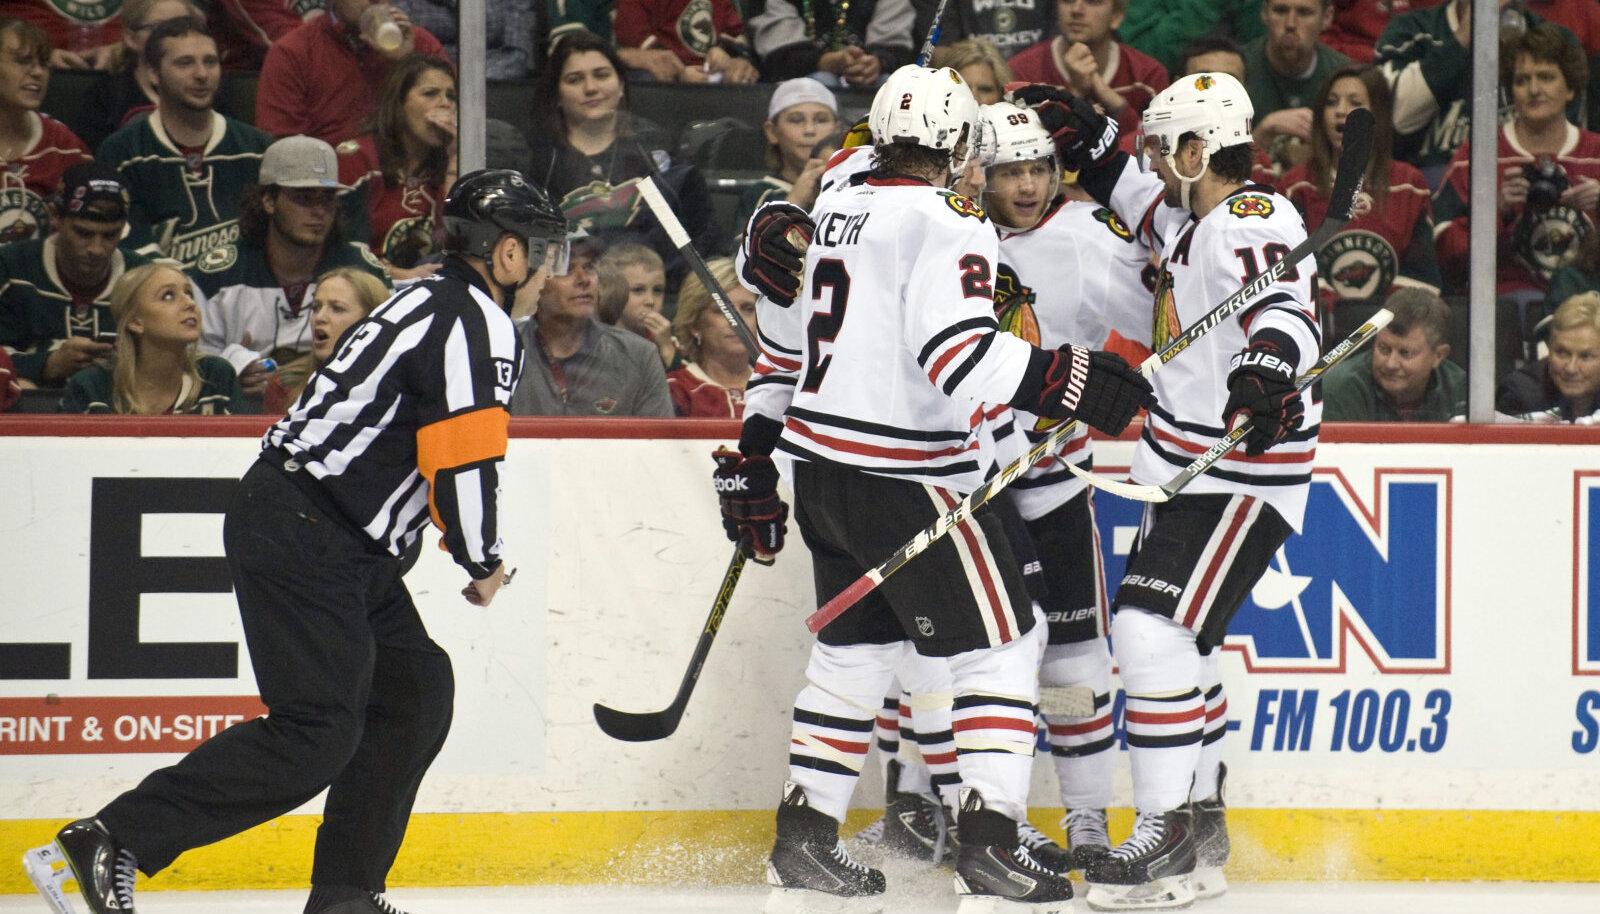 Chicago mehed tähistamas Kane'i väravat.